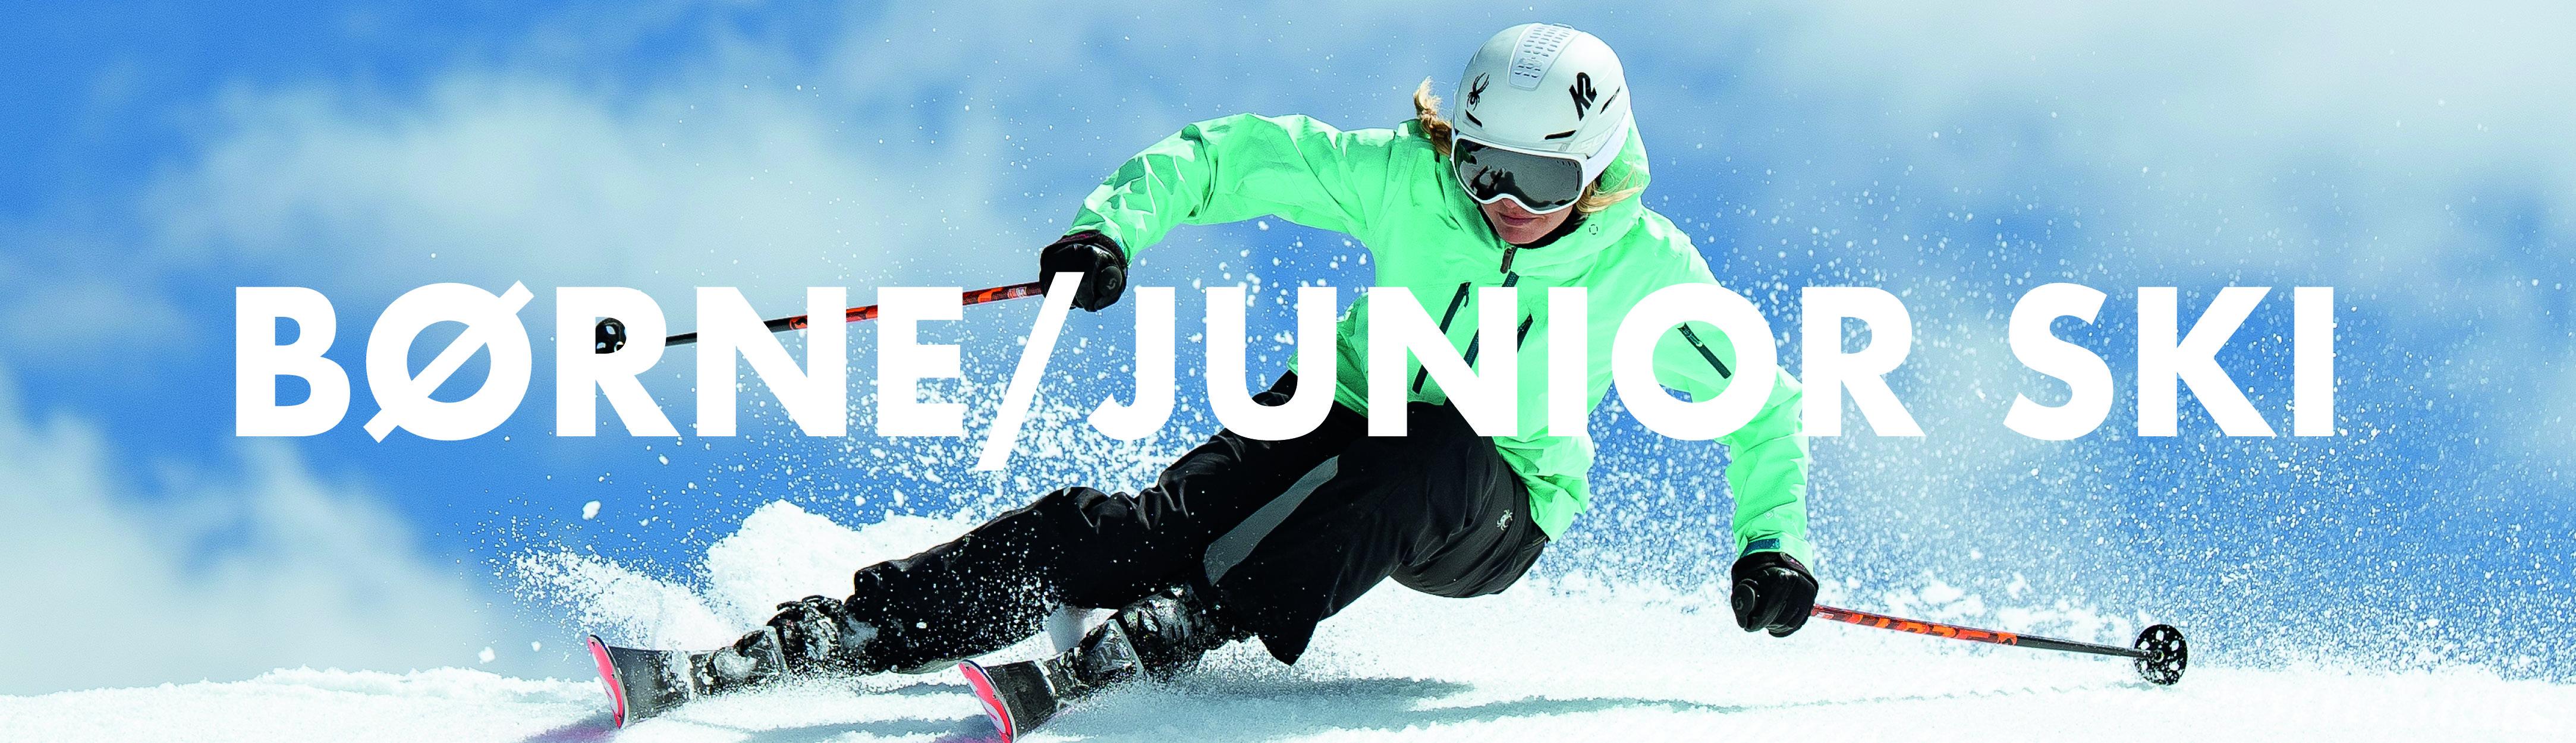 Surf og ski Horsens Børne ski